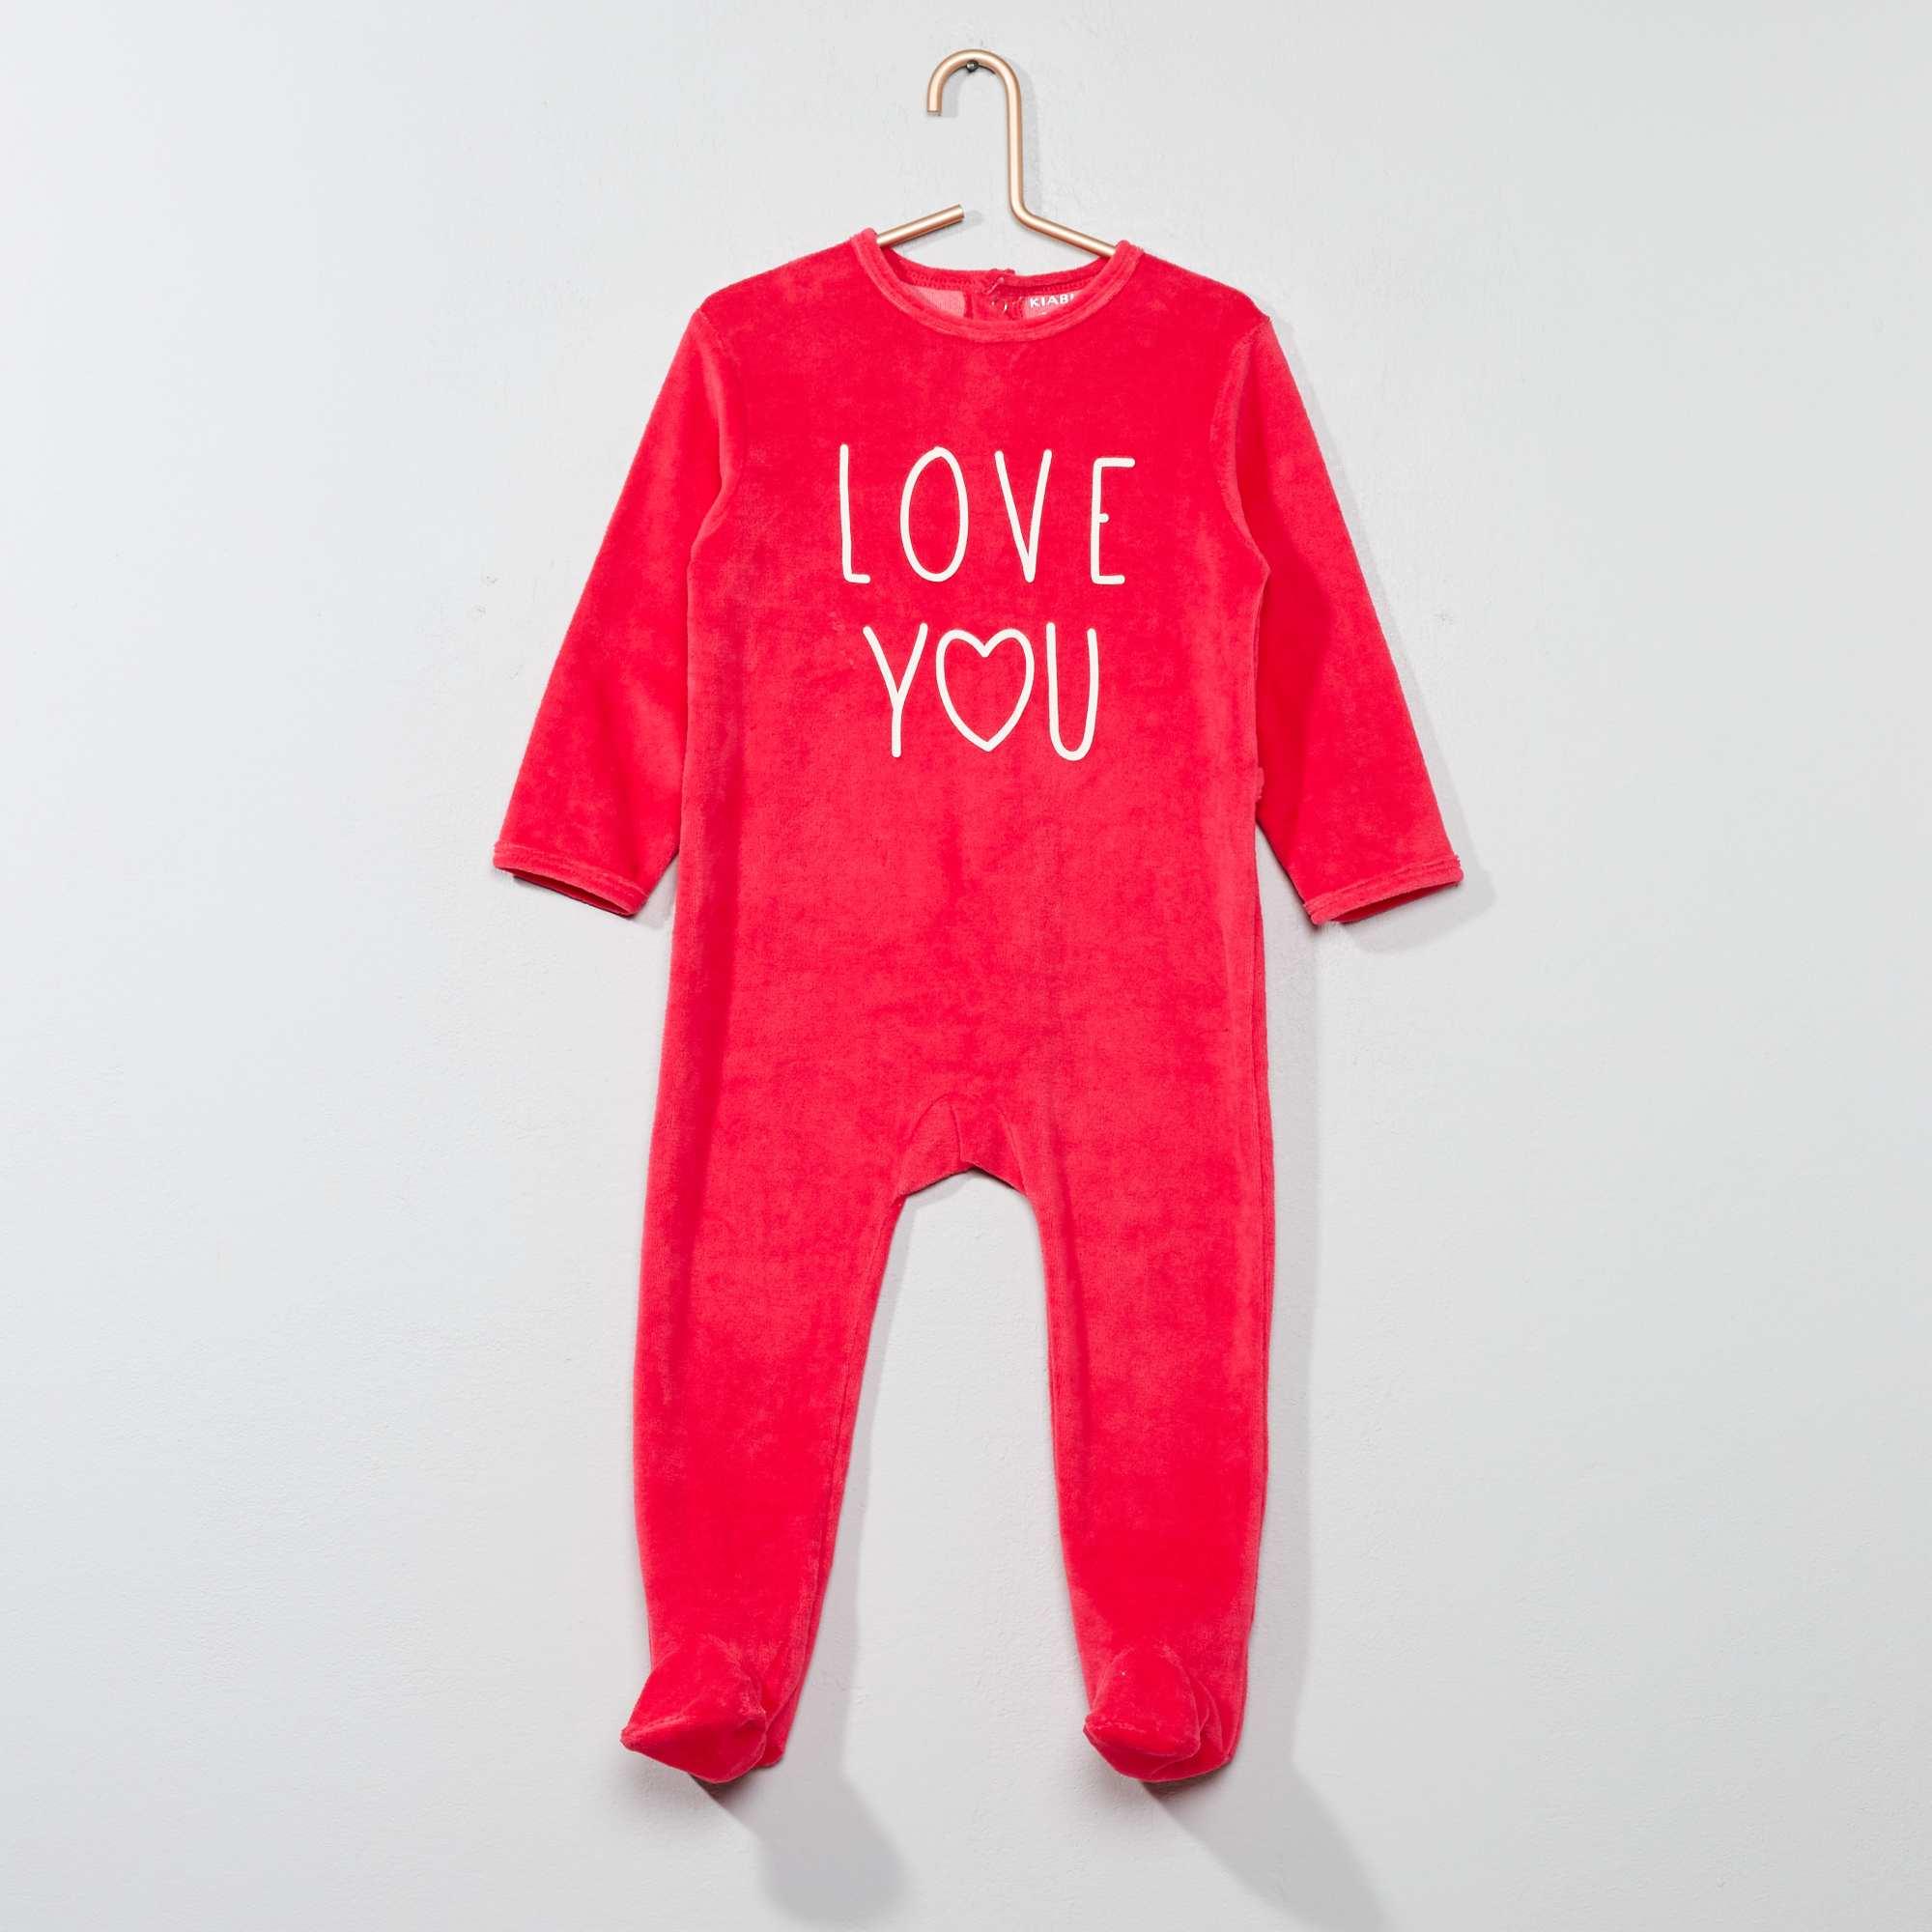 dcc3a4848 Pijama de terciopelo con mensaje estampado ROSA Bebé niña. Loading zoom